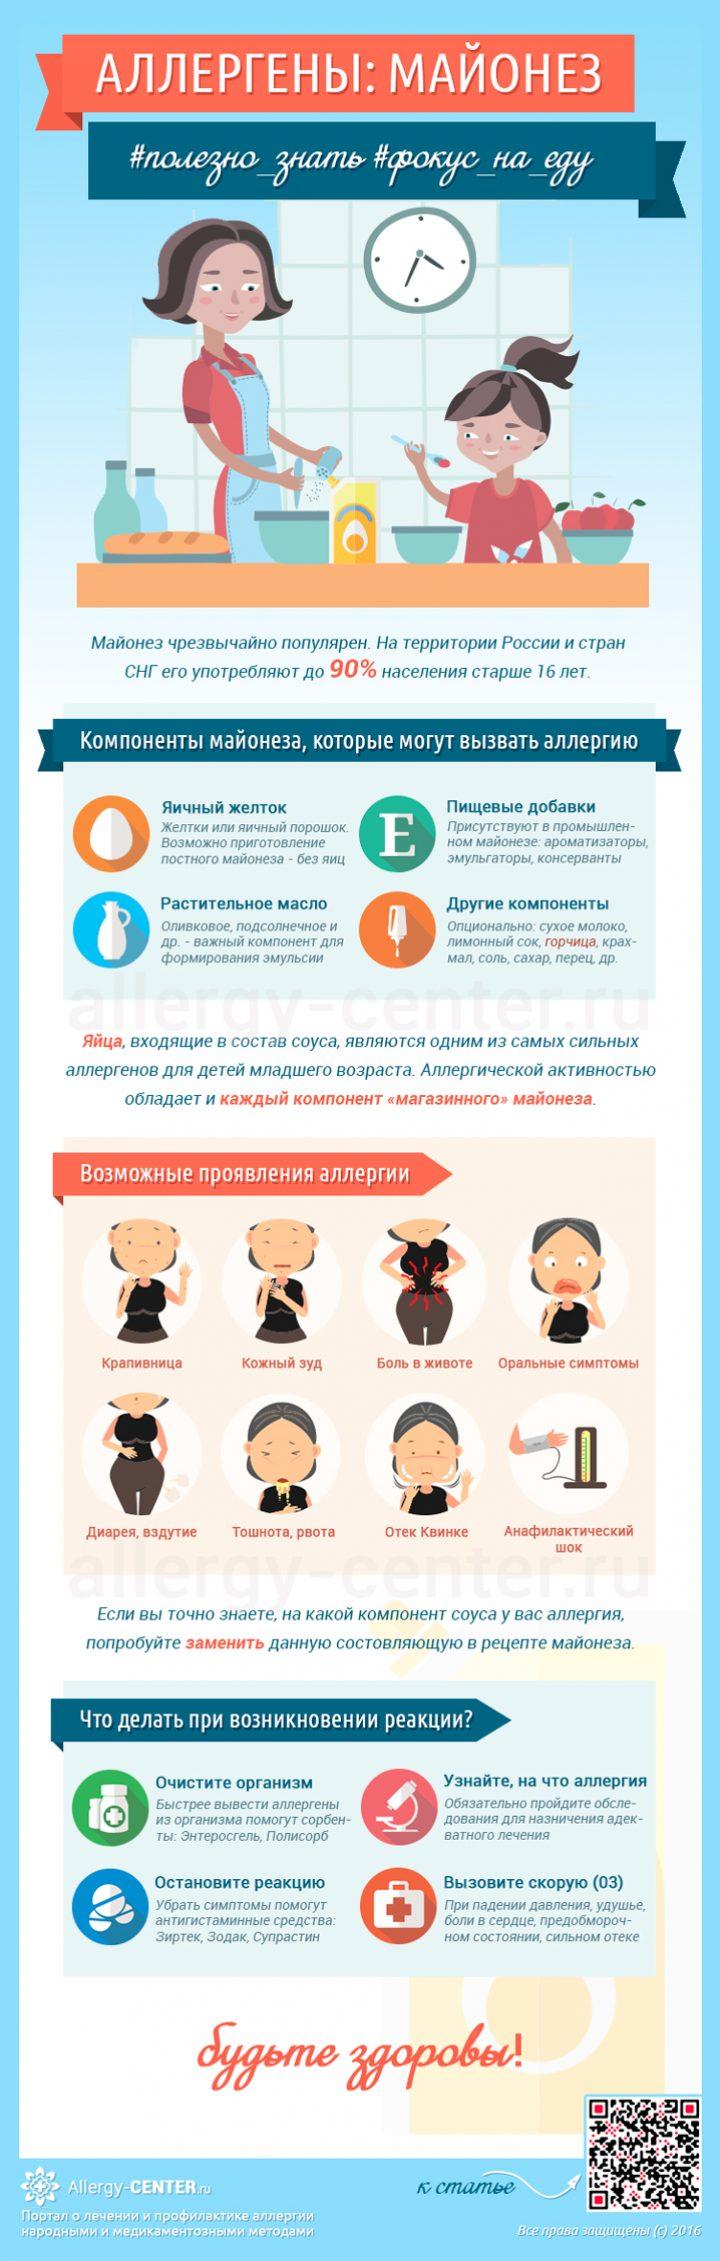 Карточка аллергена из статьи Аллергия на майонез: темная сторона Рябы